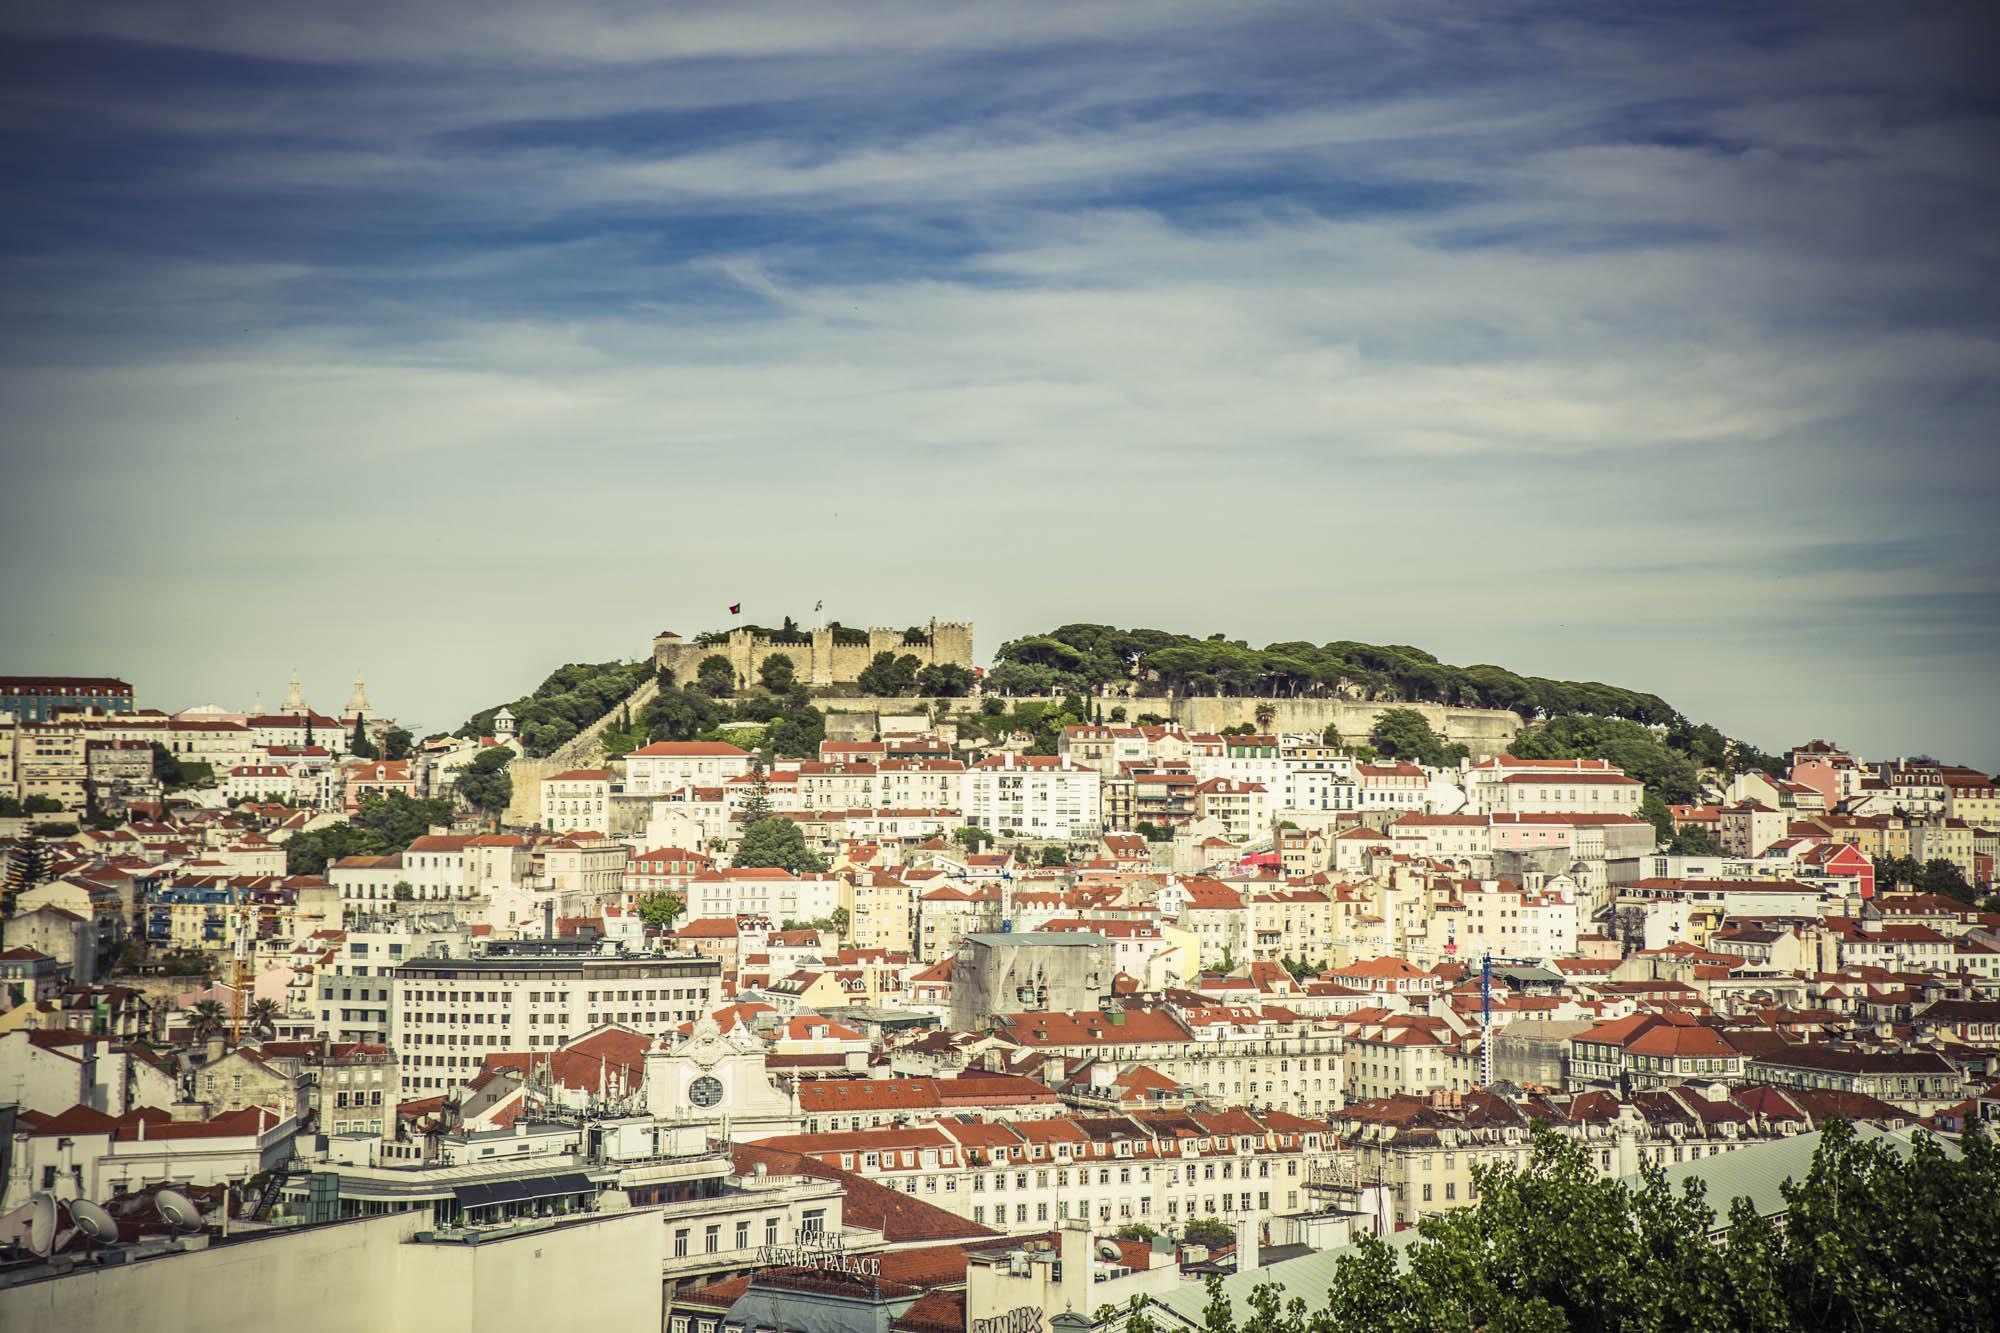 Urlaub-Portugal-100